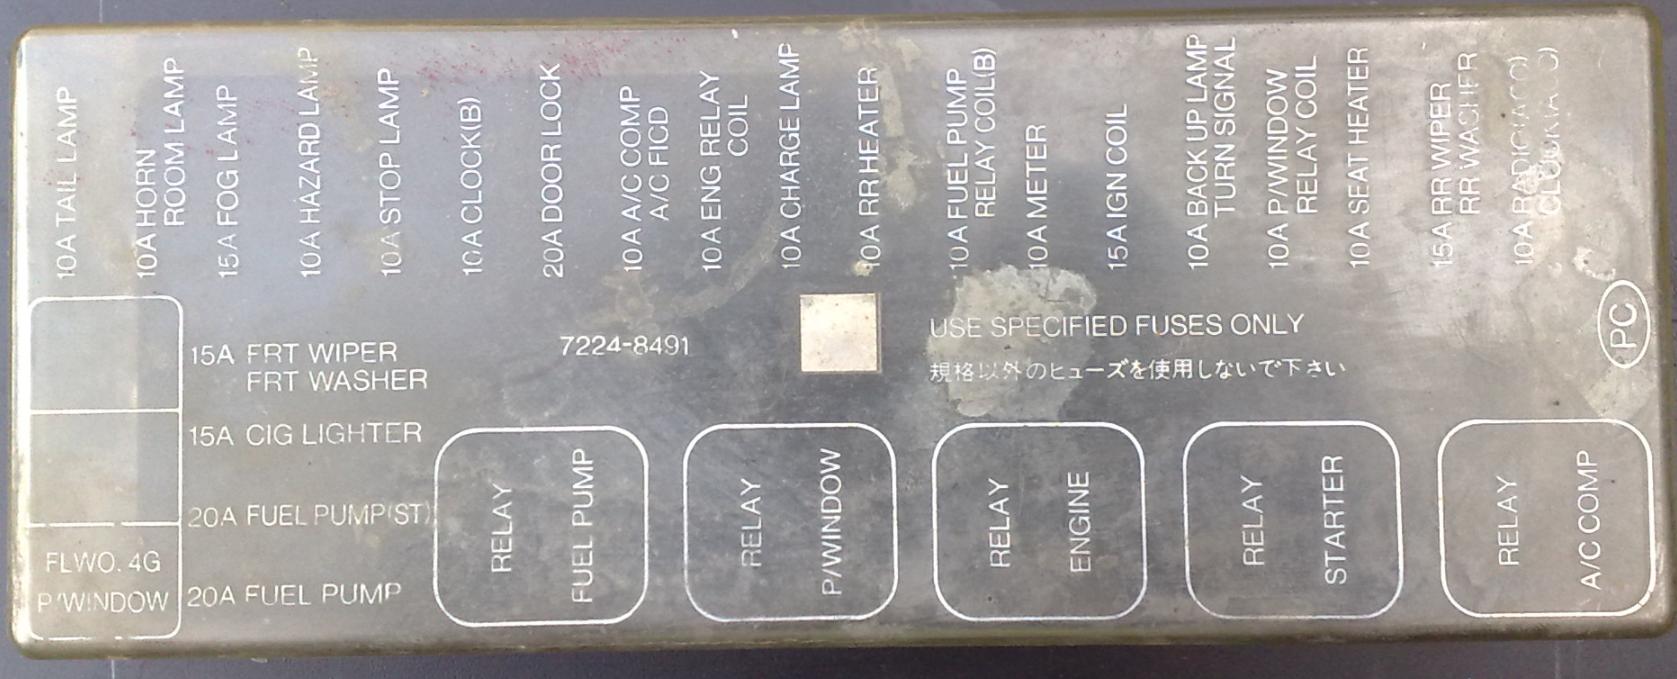 Isuzu Trooper UBS40 Fuse Box   Fuse box, Washer, Heater